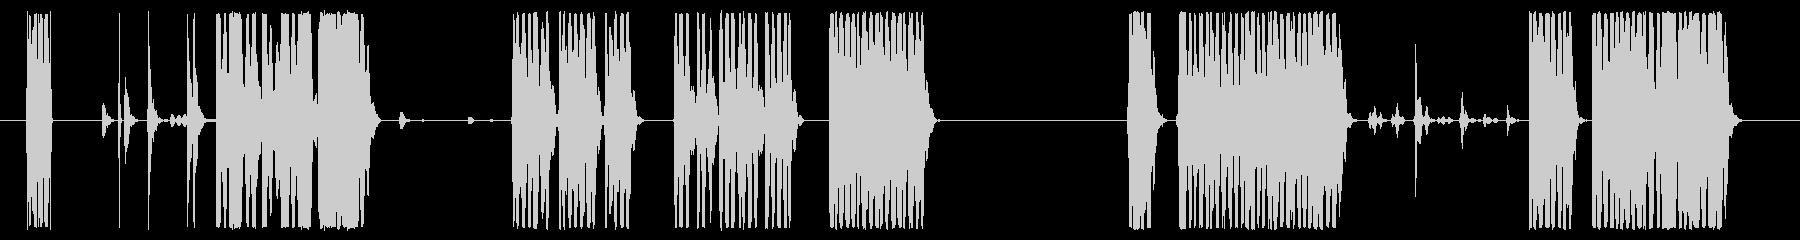 イメージ 古いスキャナー03の未再生の波形